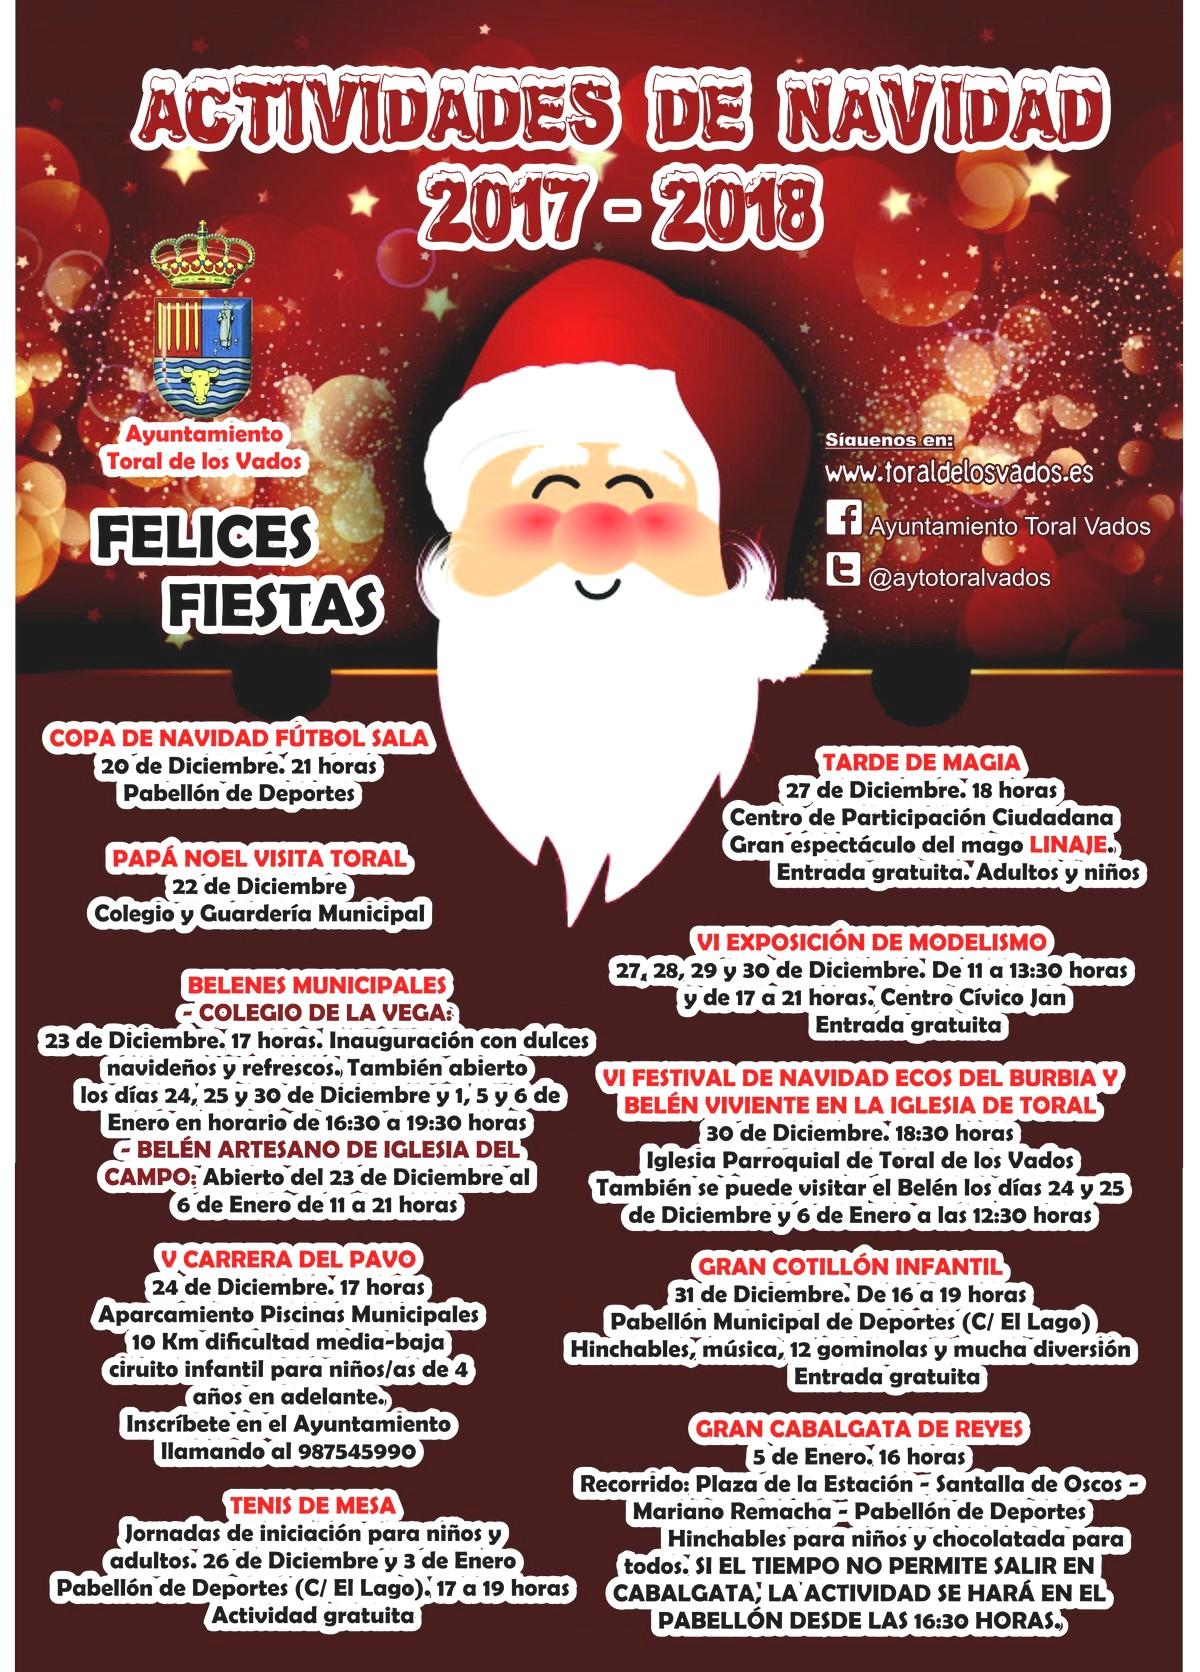 Actividades navidad 2017 en Toral de los Vados 1